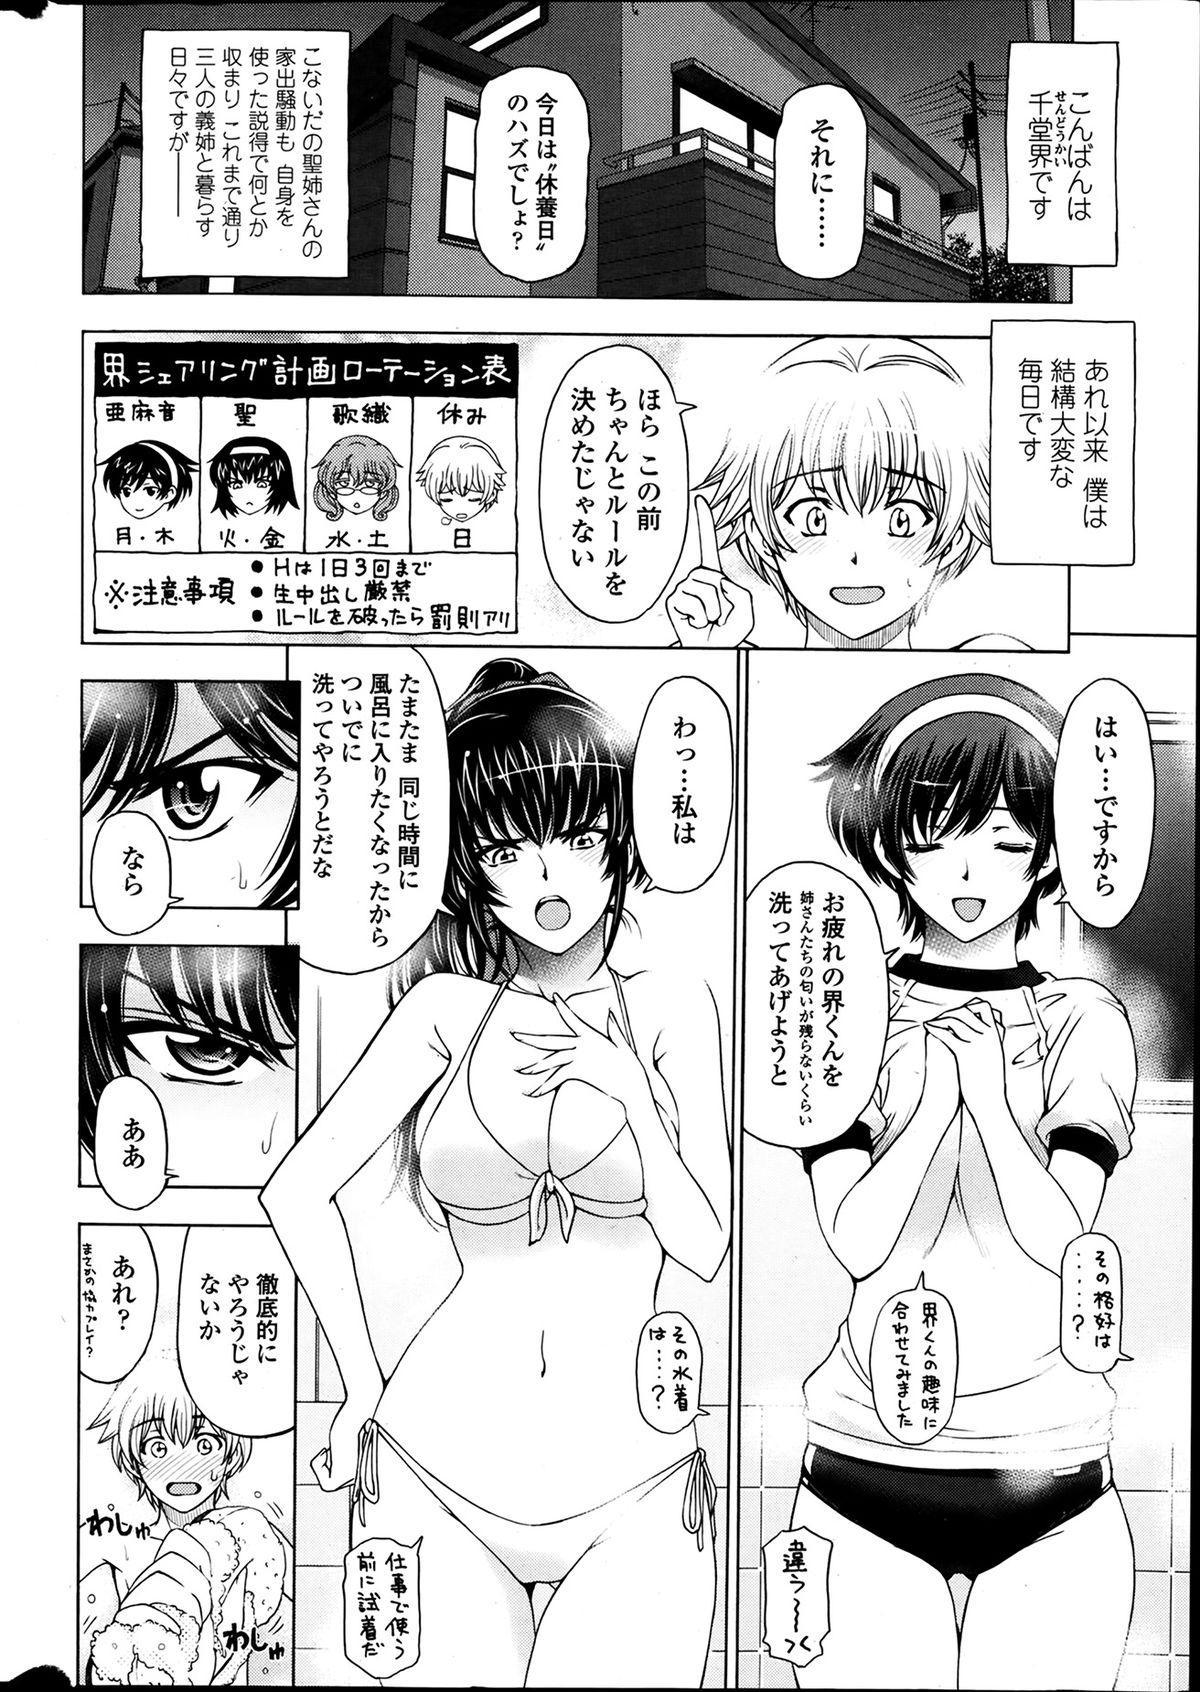 Ane wa Shota o Suki ni Naru Bangaihen 1-2 1